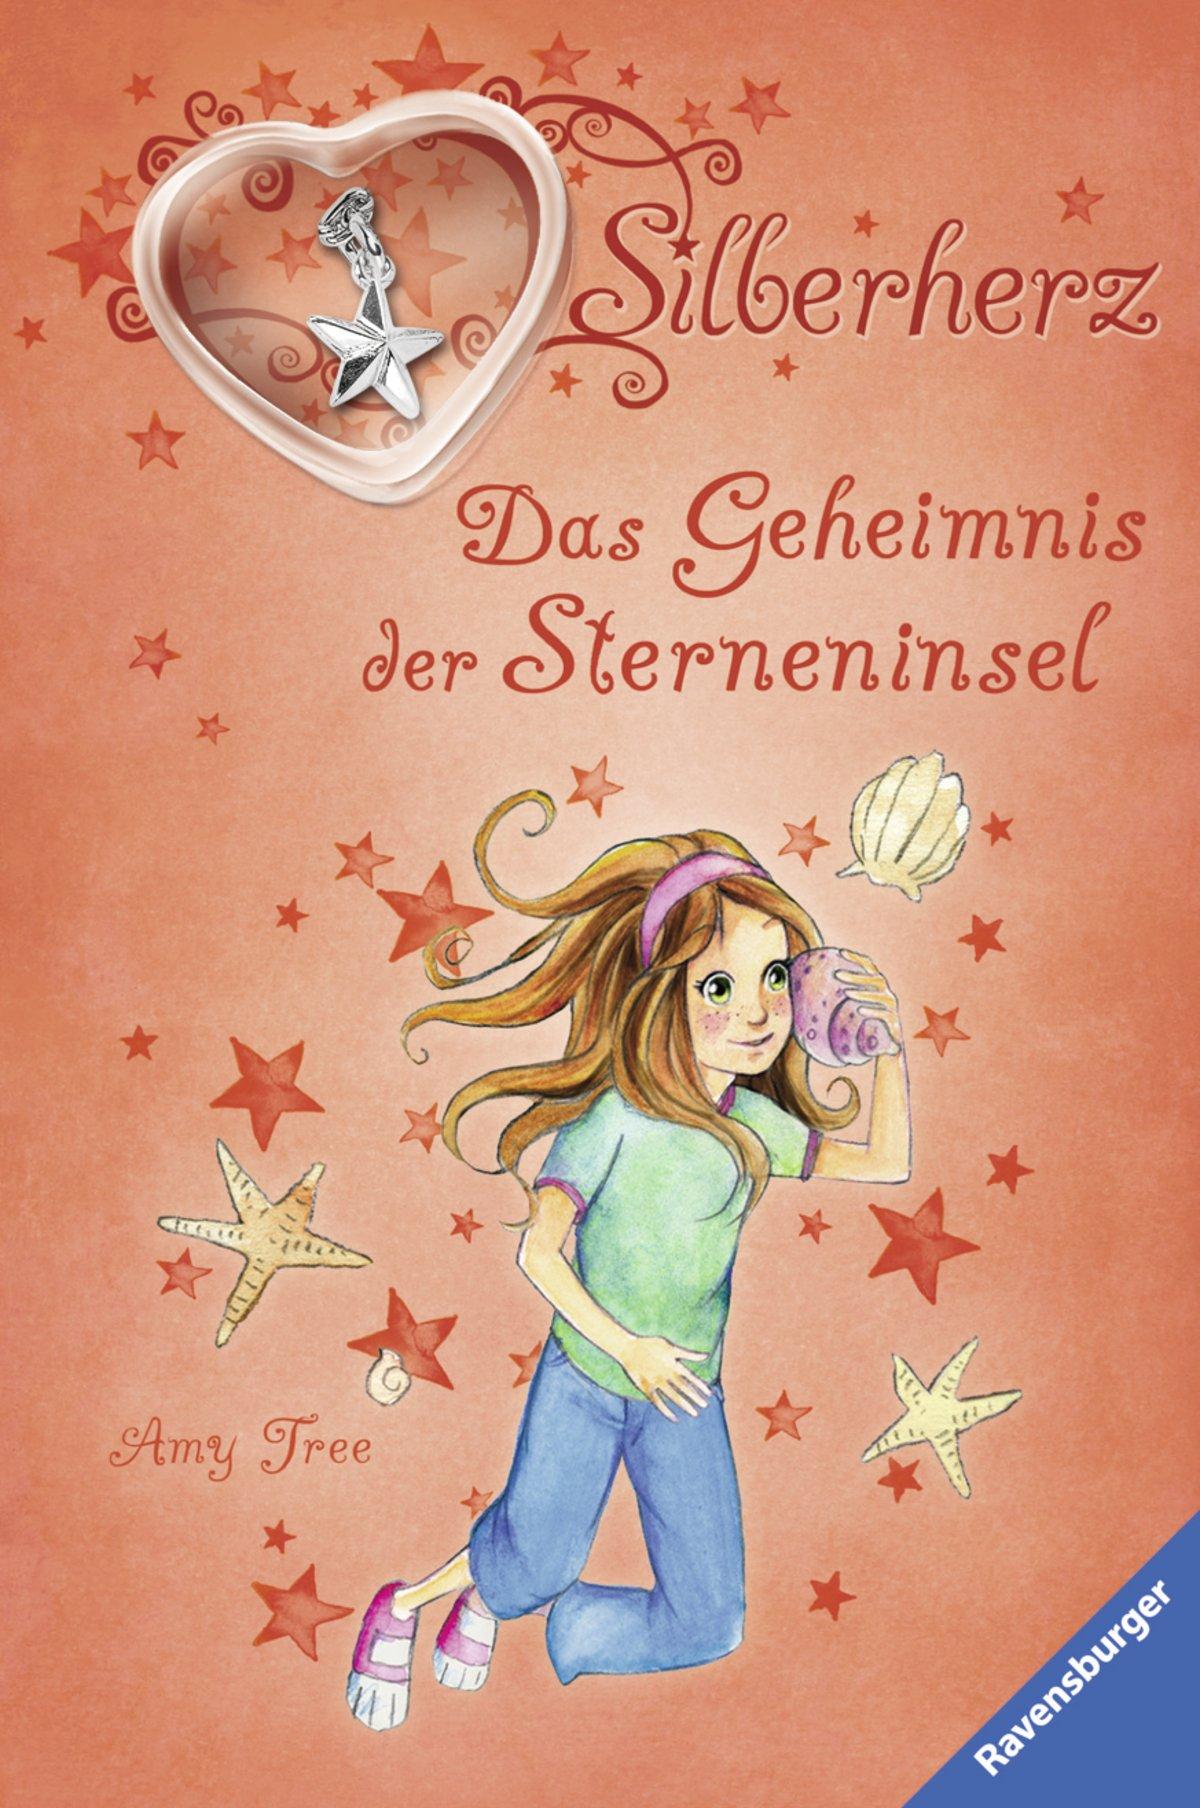 Das Geheimnis der Sterneninsel (Silberherz, Band 9) Gebundenes Buch – 1. August 2011 Amy Tree Gwen Millward Anne Braun Ravensburger Buchverlag